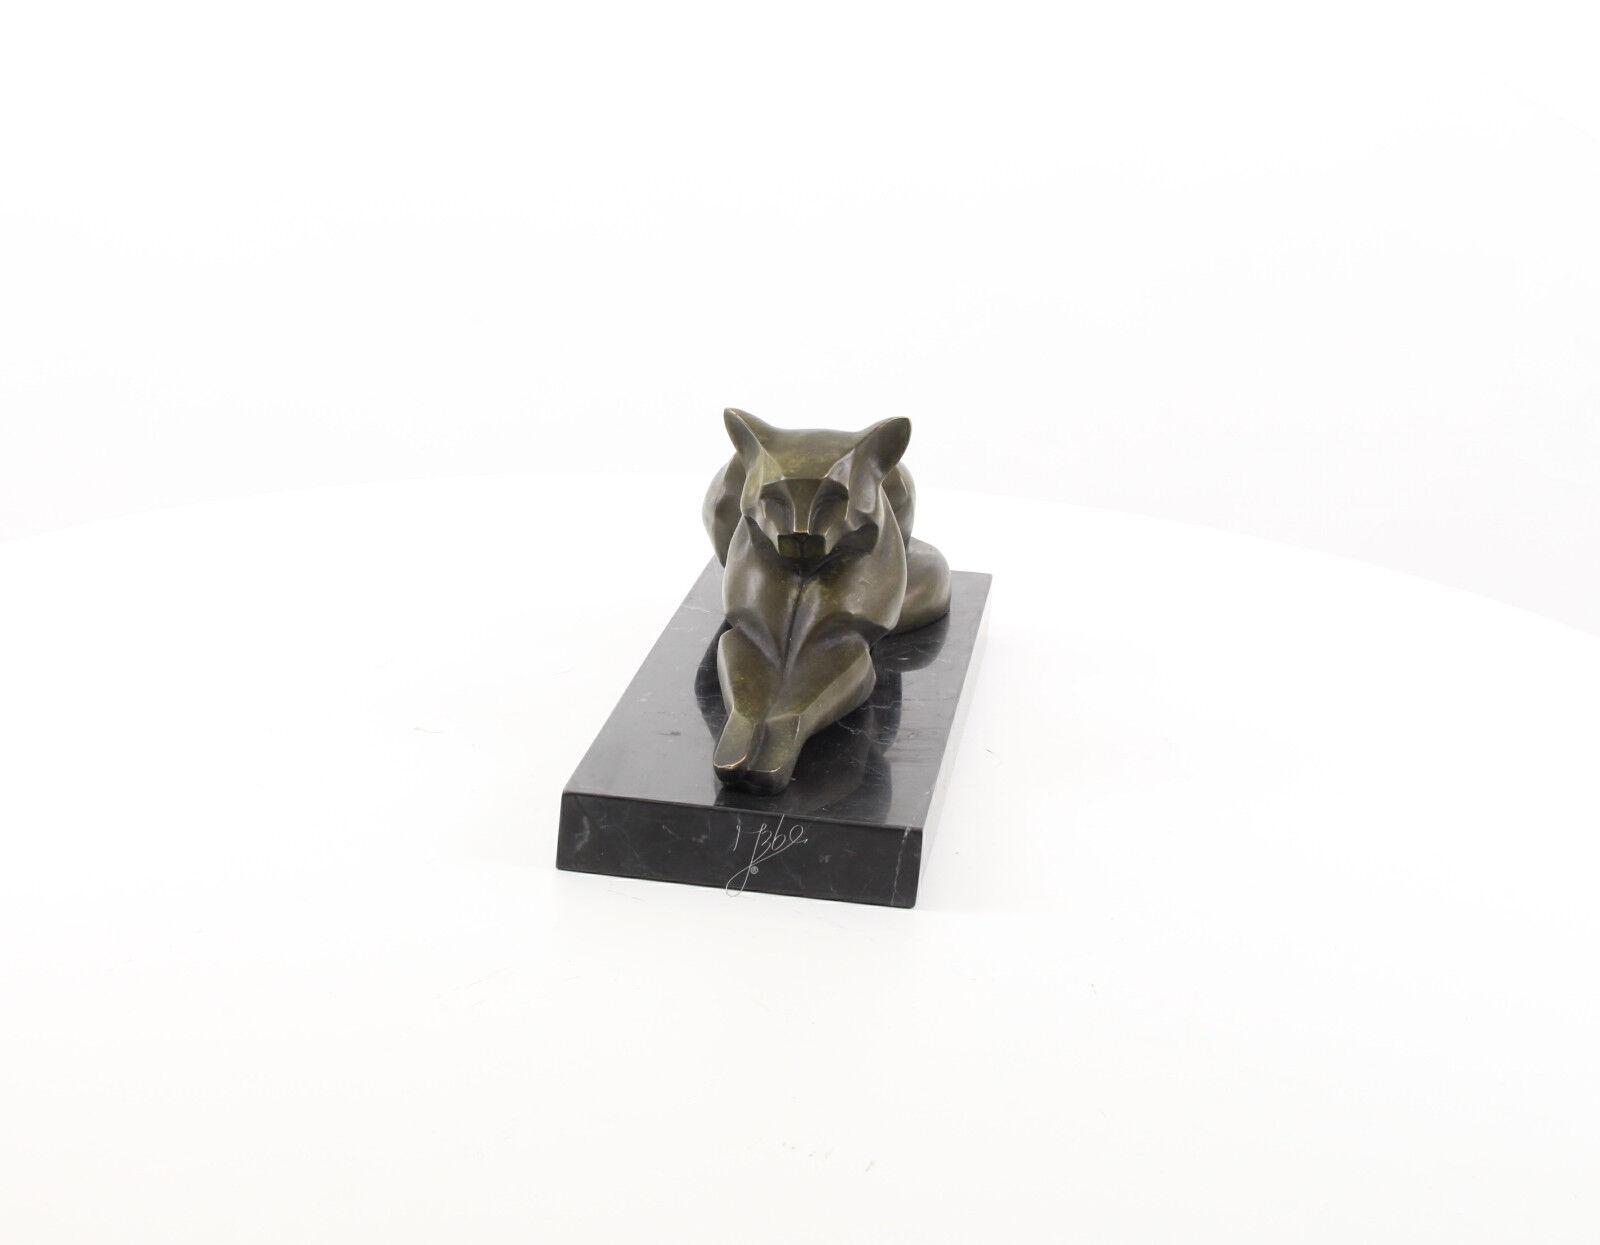 9973460-dss escultura de bronce subyacente gato le pueden aplicar estilos 16x14x35cm